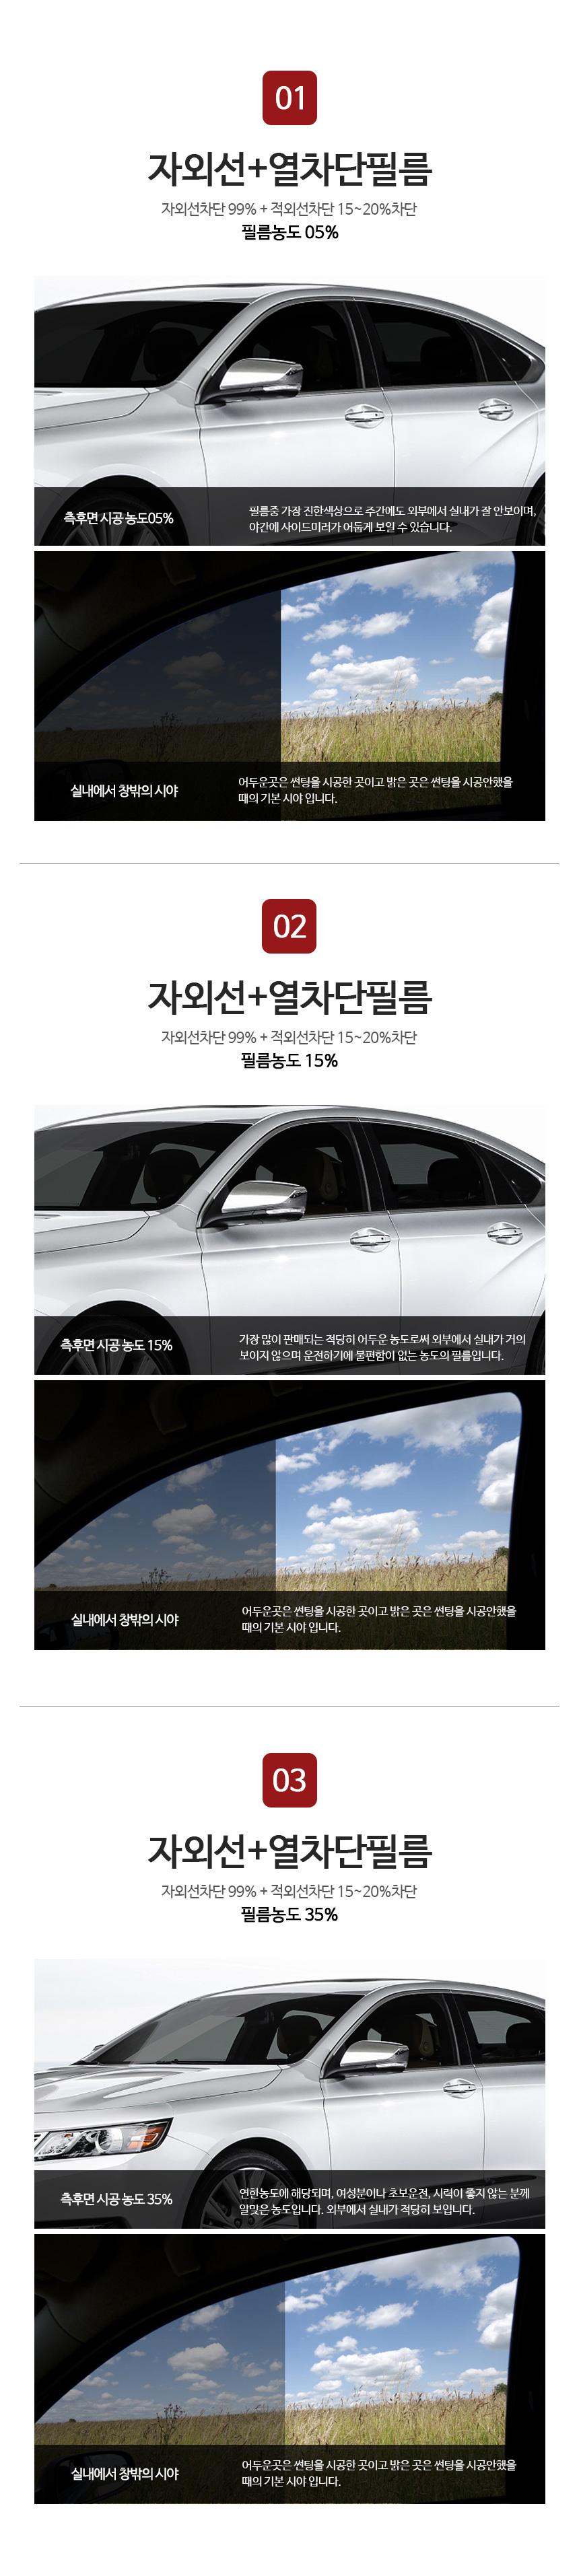 자동차썬팅필름_상품소개